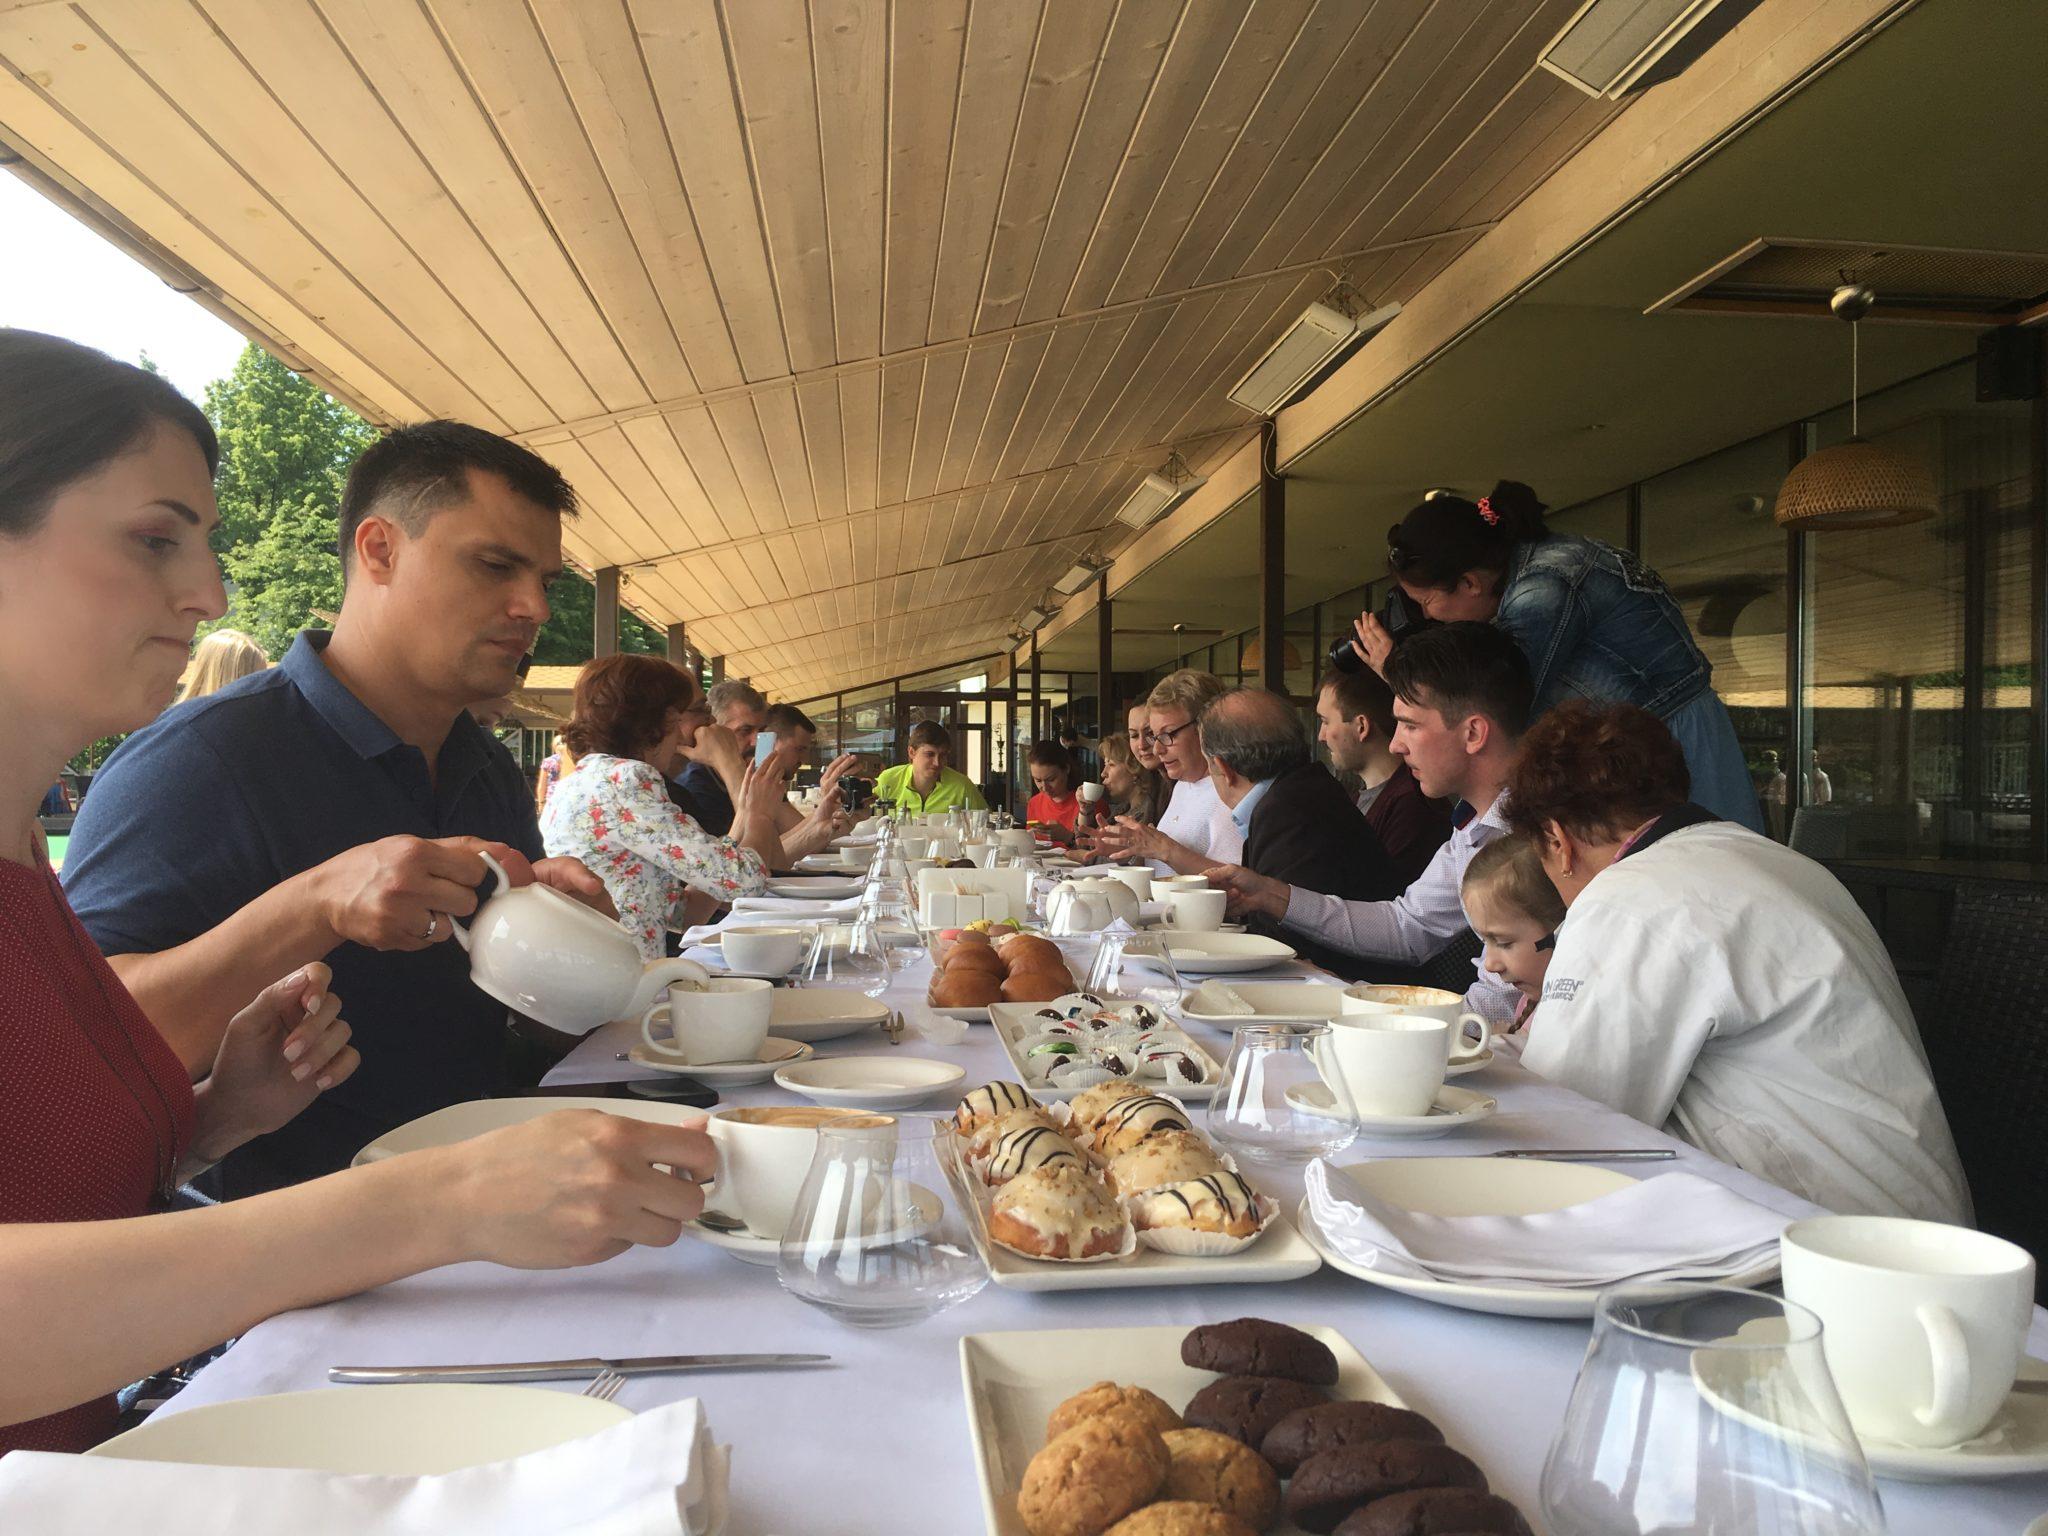 Ярославль посетили известные тревел-блогеры